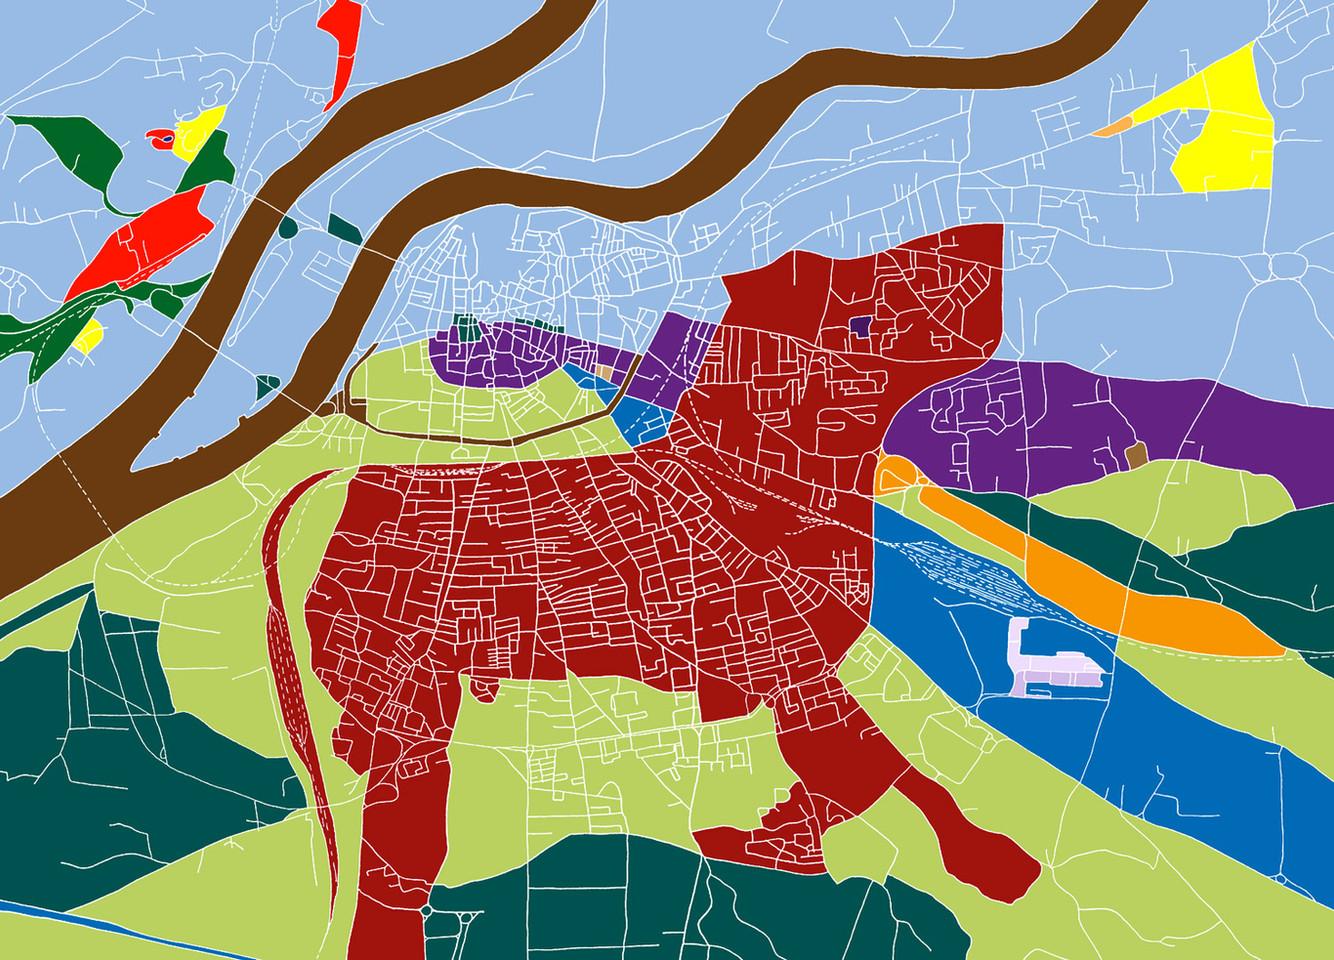 2011 – Un drôle de plan : Le chien. Œuvre numérique d'Olivier Huet